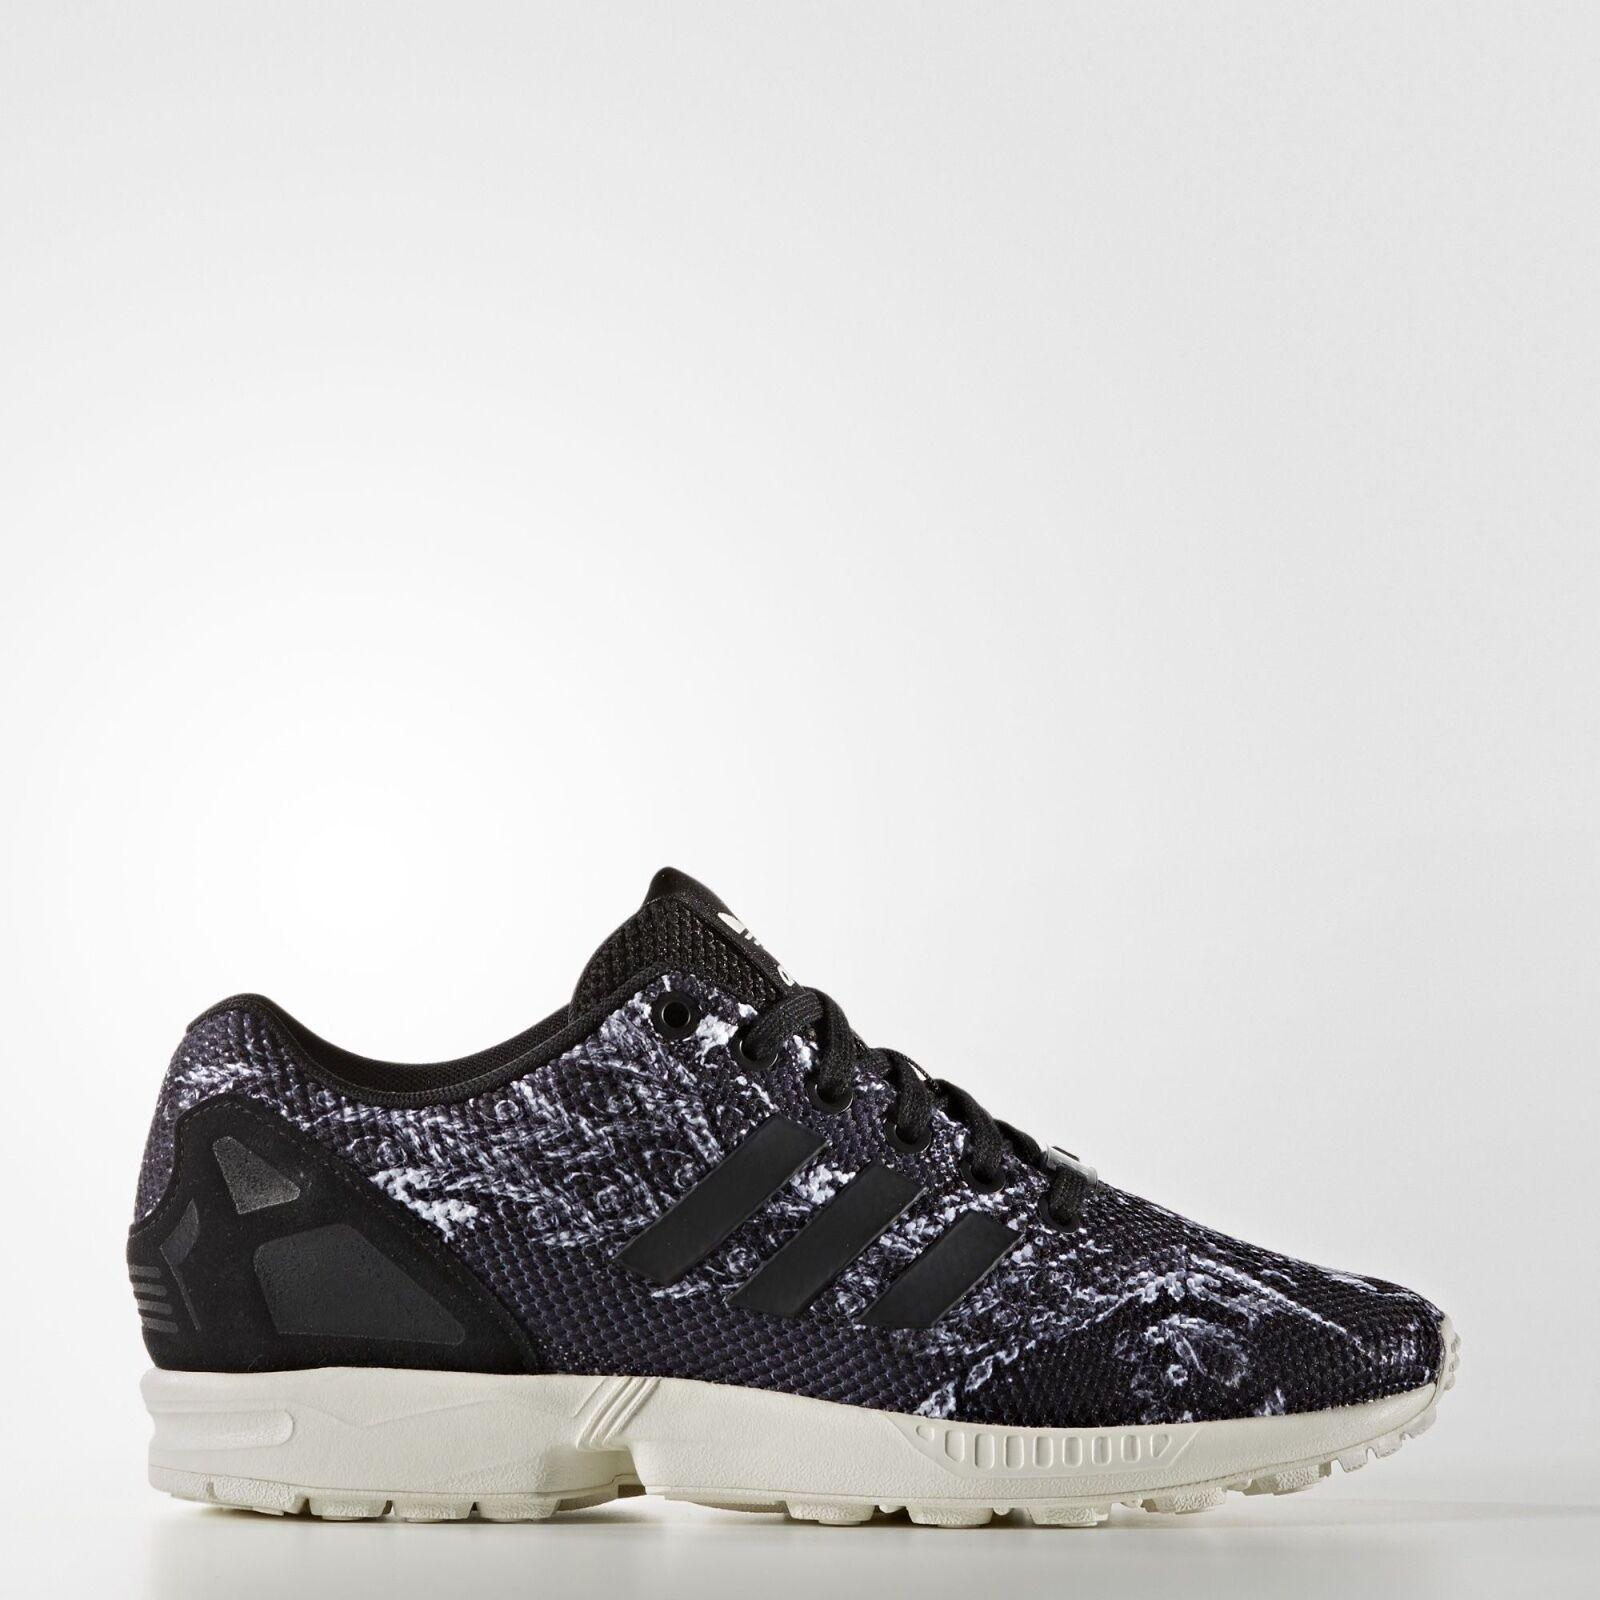 super popular 31346 dc4cb Details about Adidas Women Originals ZX Flux Shoes S76592 Black Designed by  Rio's Farm Comp.